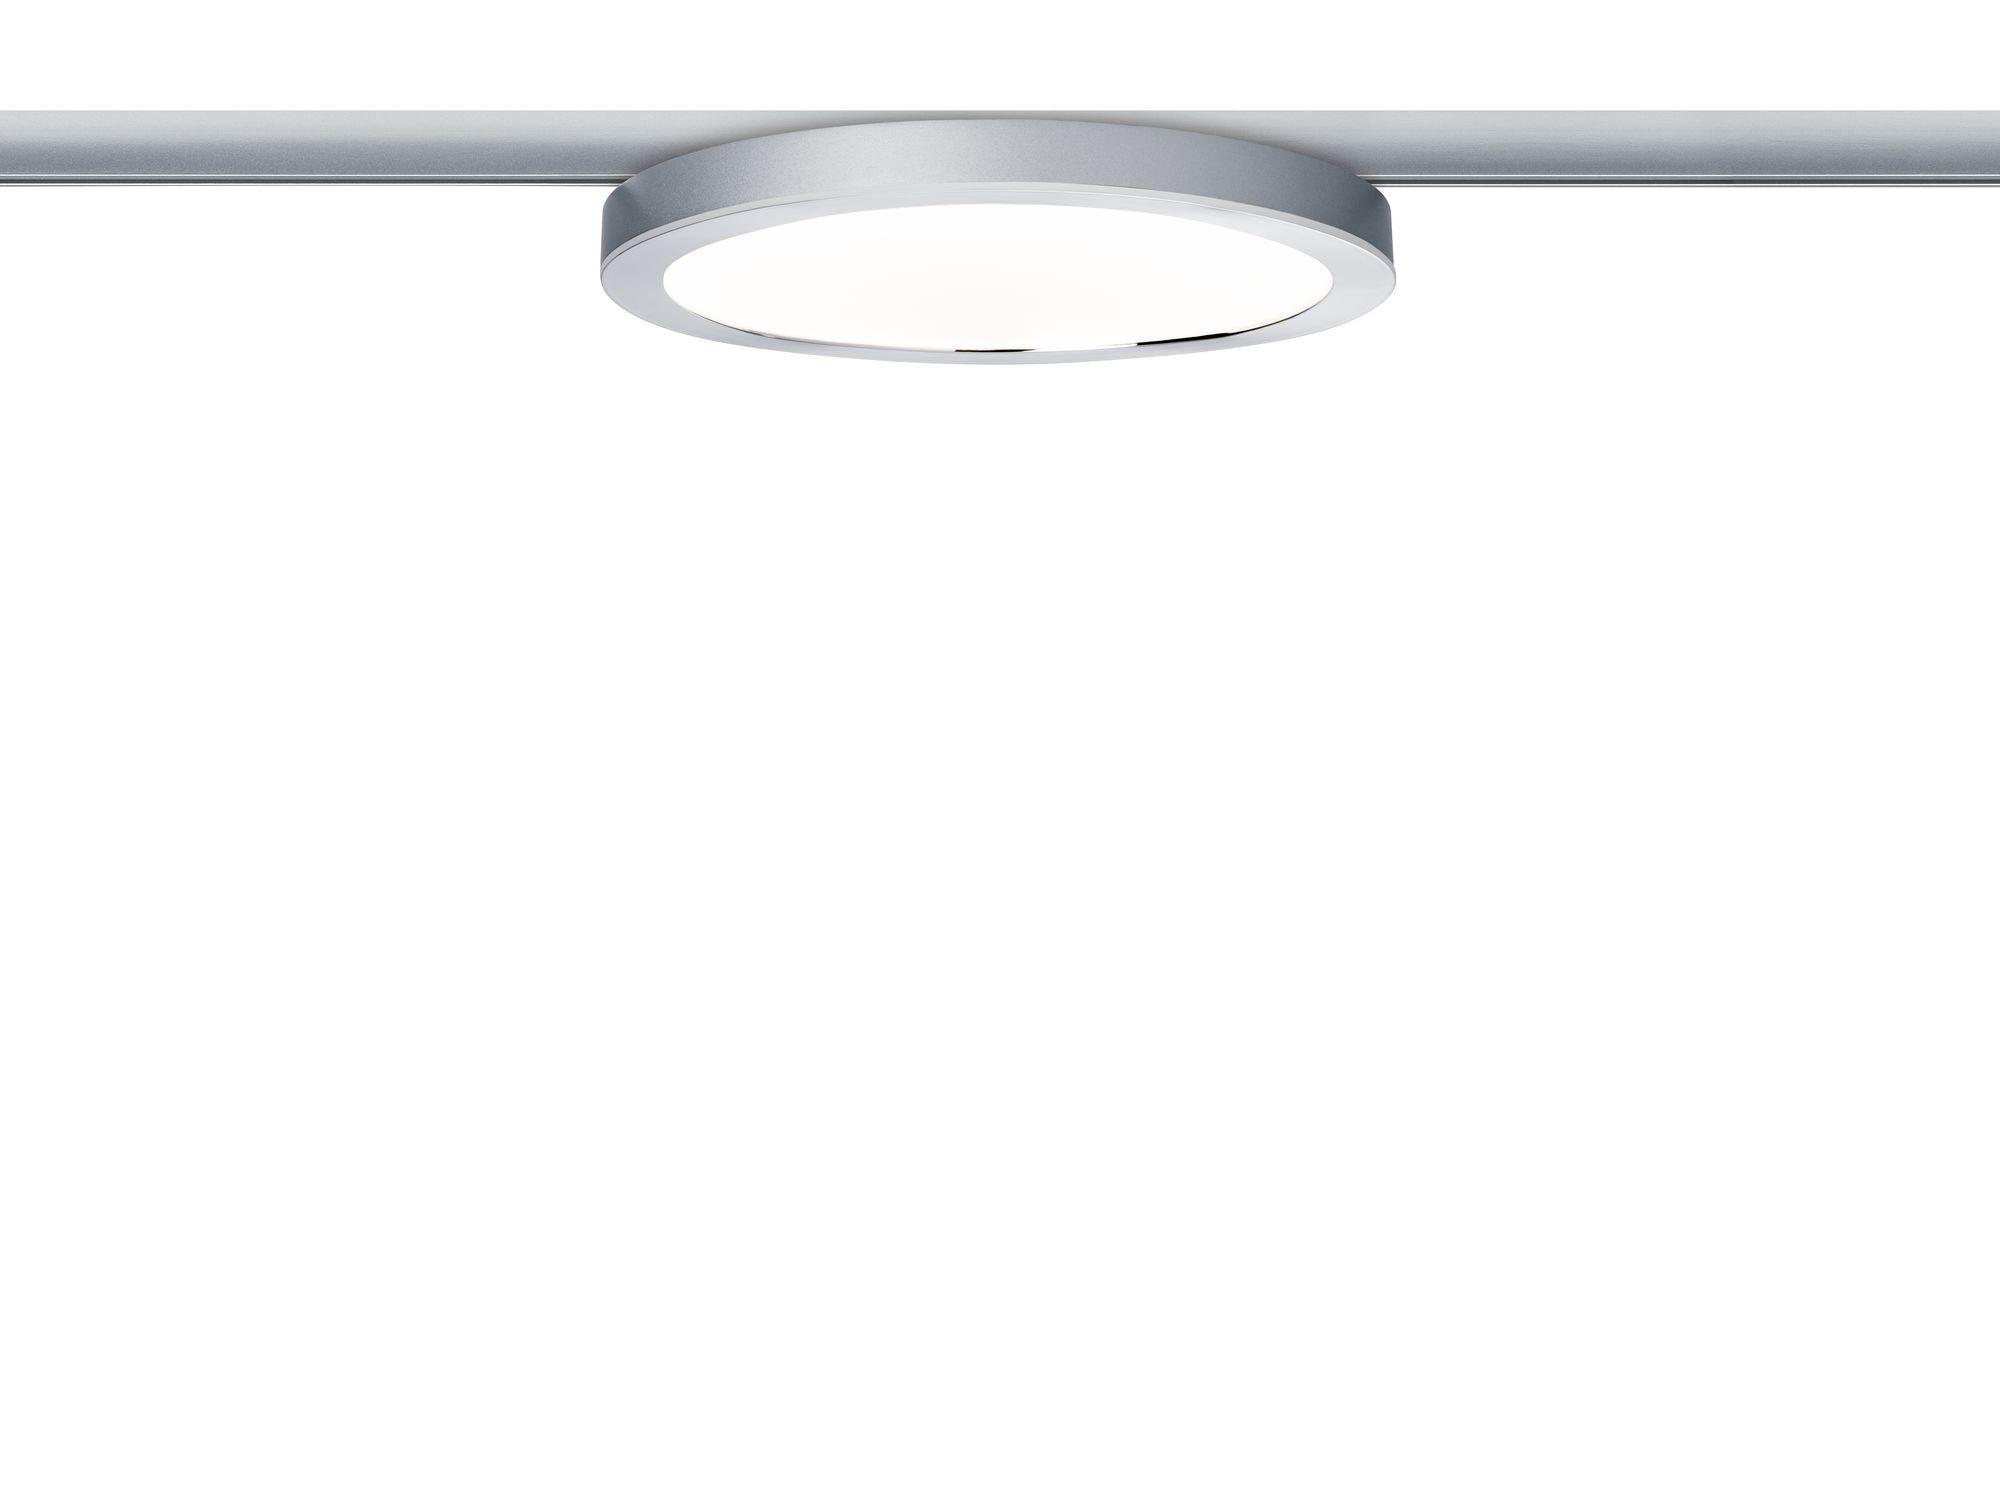 Paulmann Deckenleuchte »URail«, Wand- und Deckenmontage, System LED Panel Ring, 7W